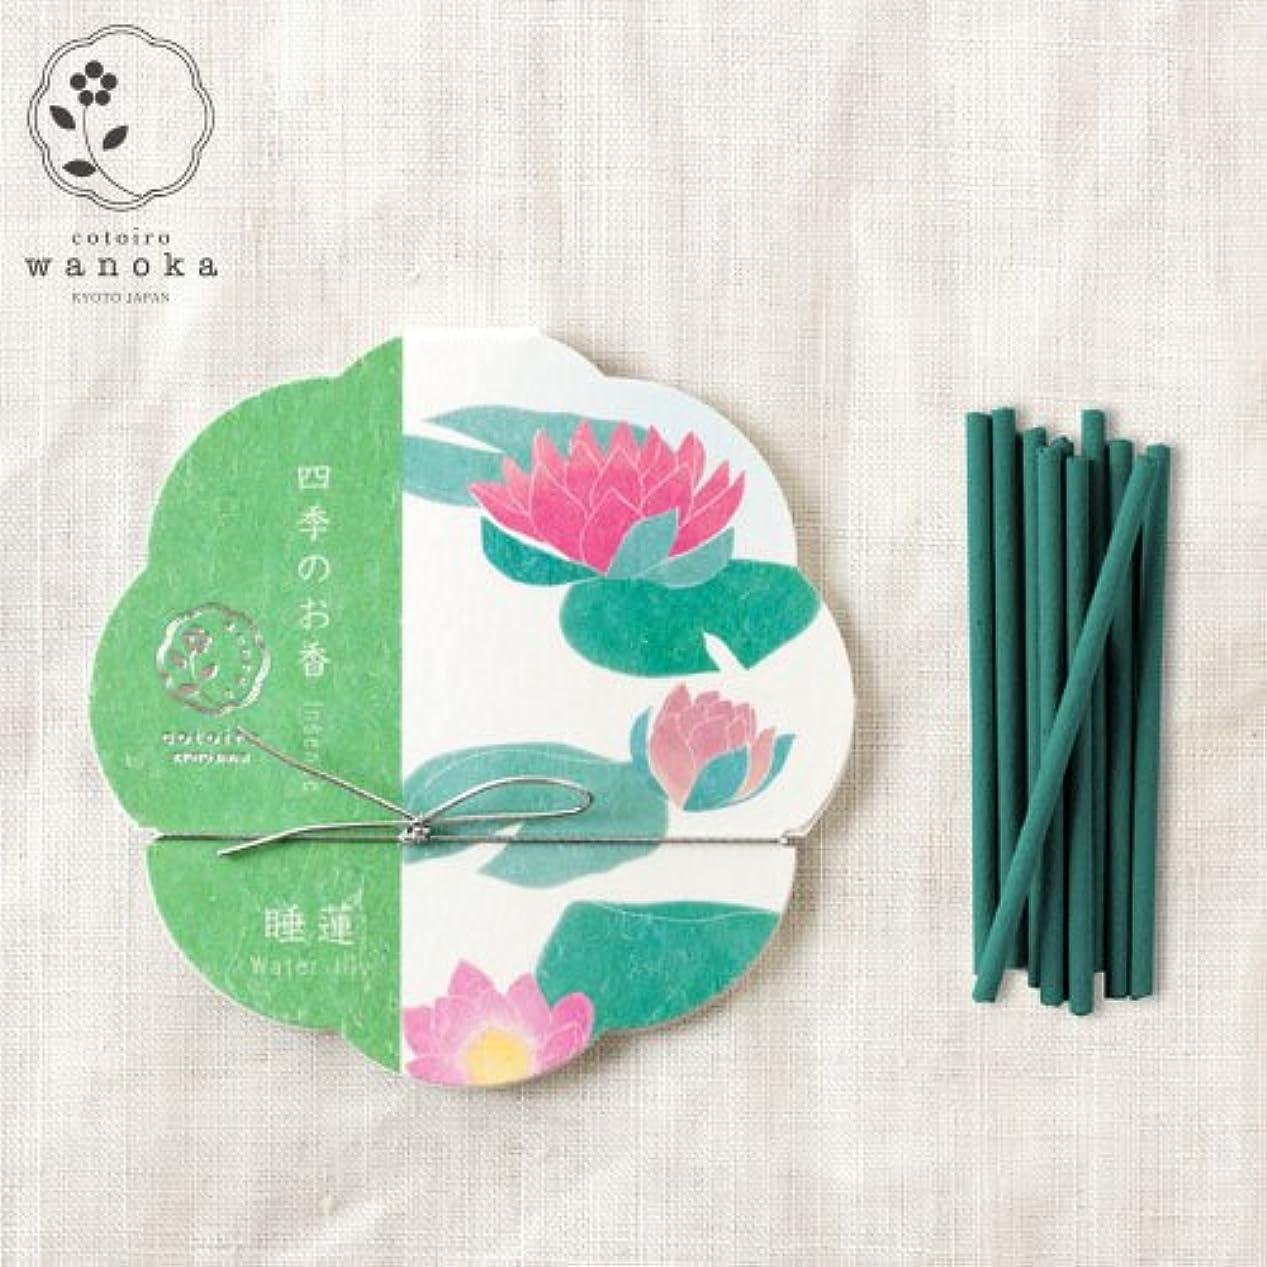 メーカー事業内容古風なwanoka四季のお香(インセンス)睡蓮《睡蓮をイメージした清楚な香り》ART LABIncense stick